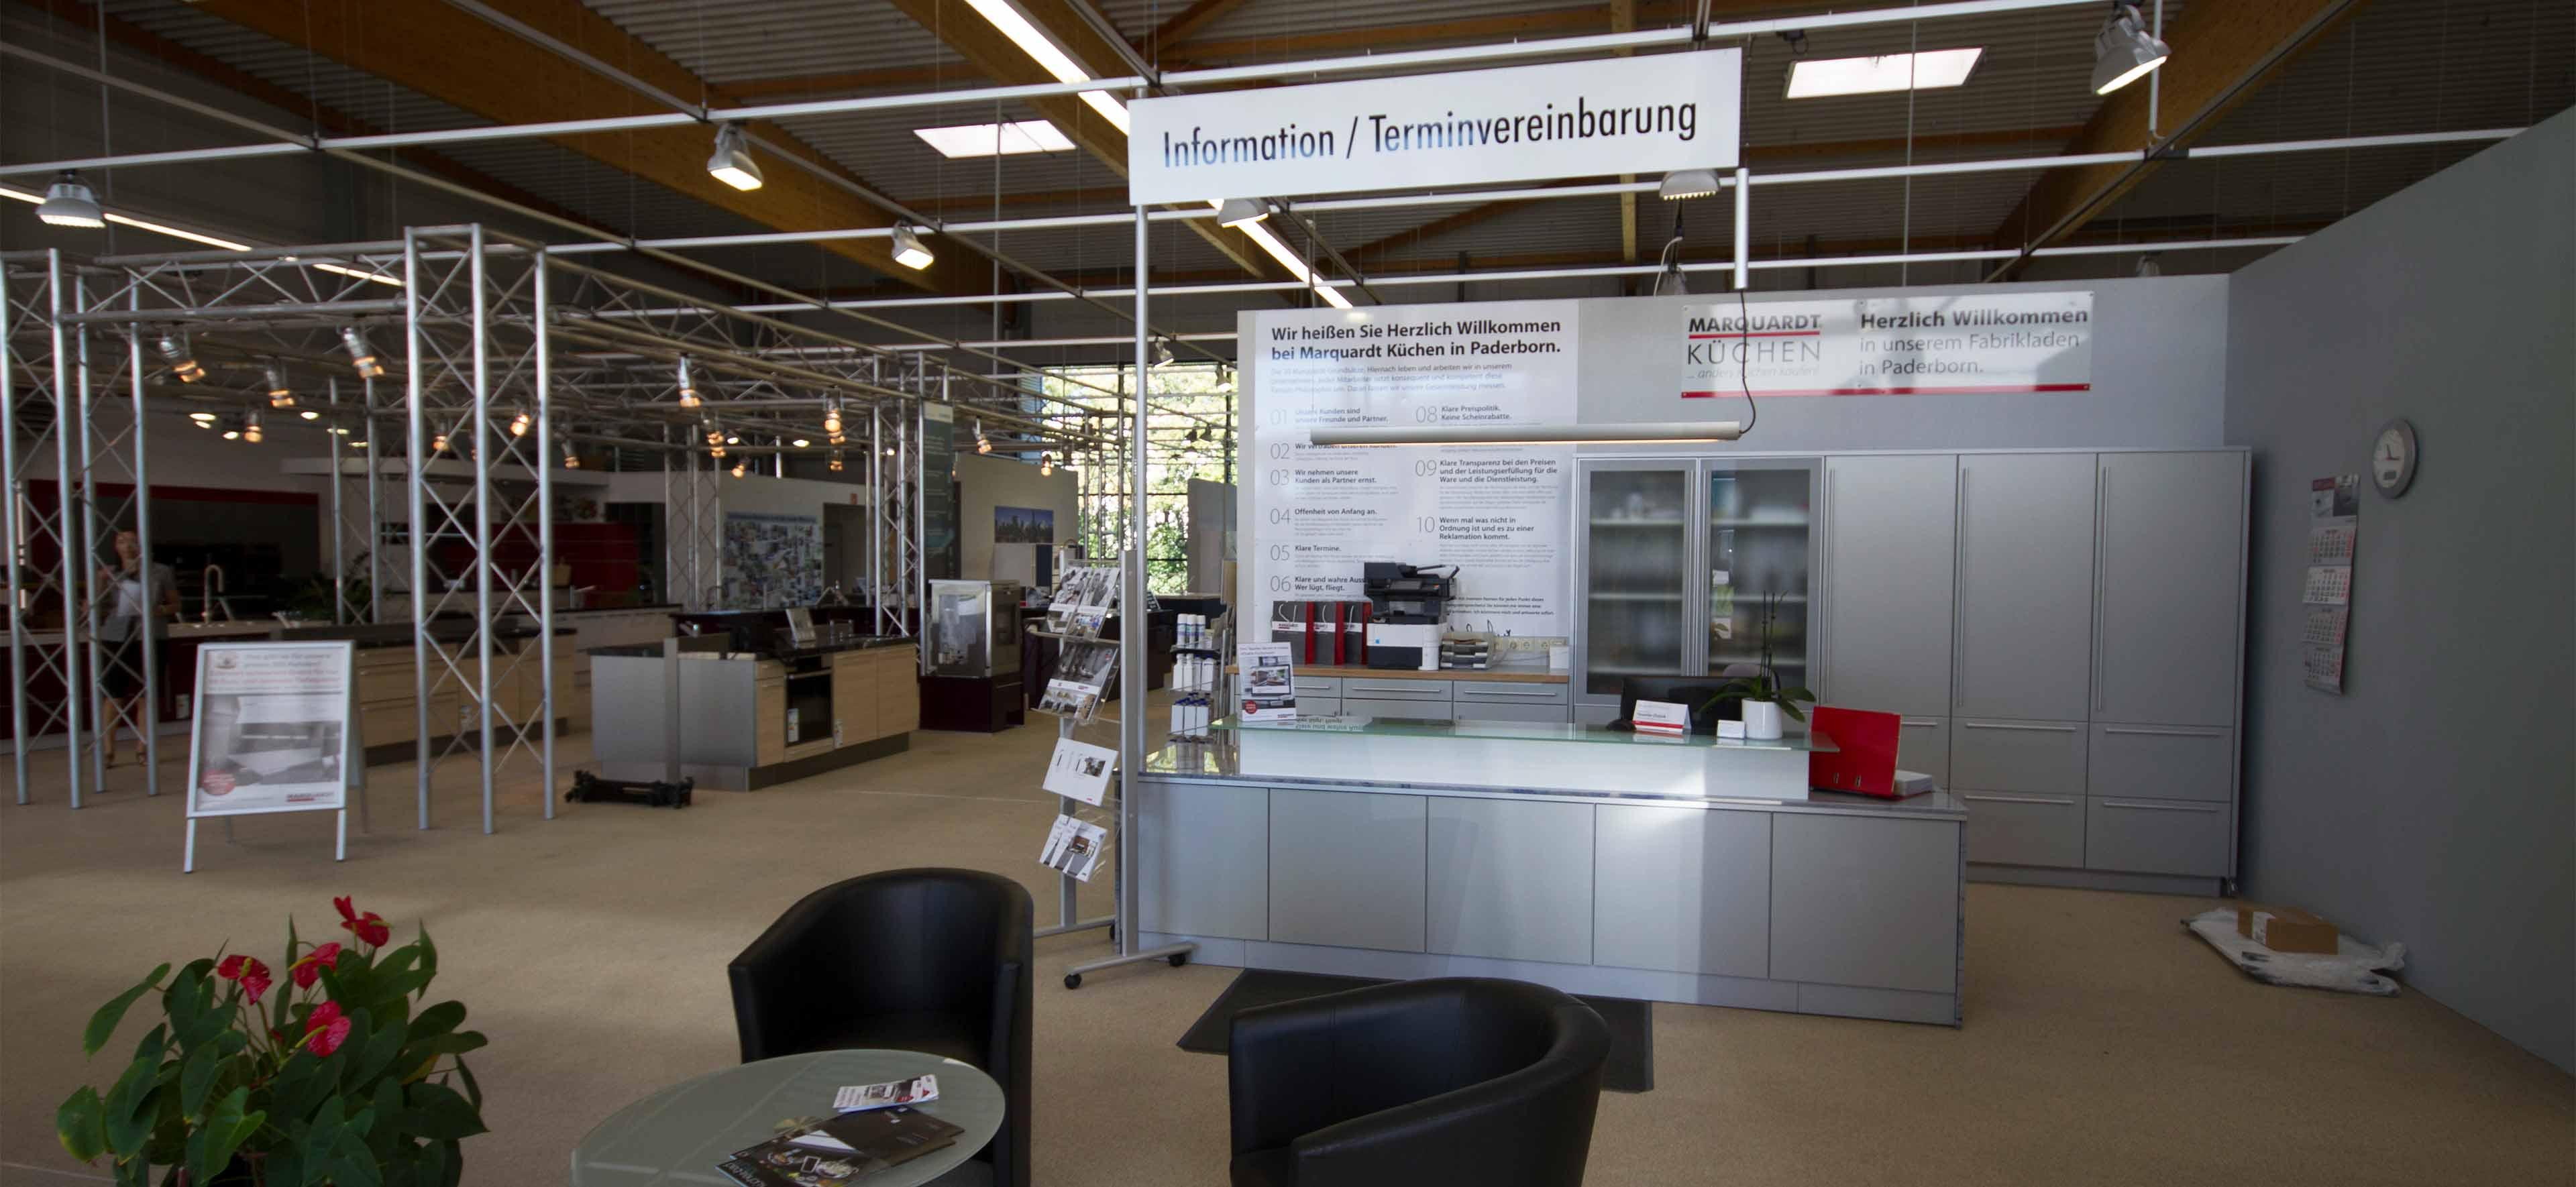 Suche Gebrauchte Küche In Paderborn | Die Moderne Küche Donna Hay ...